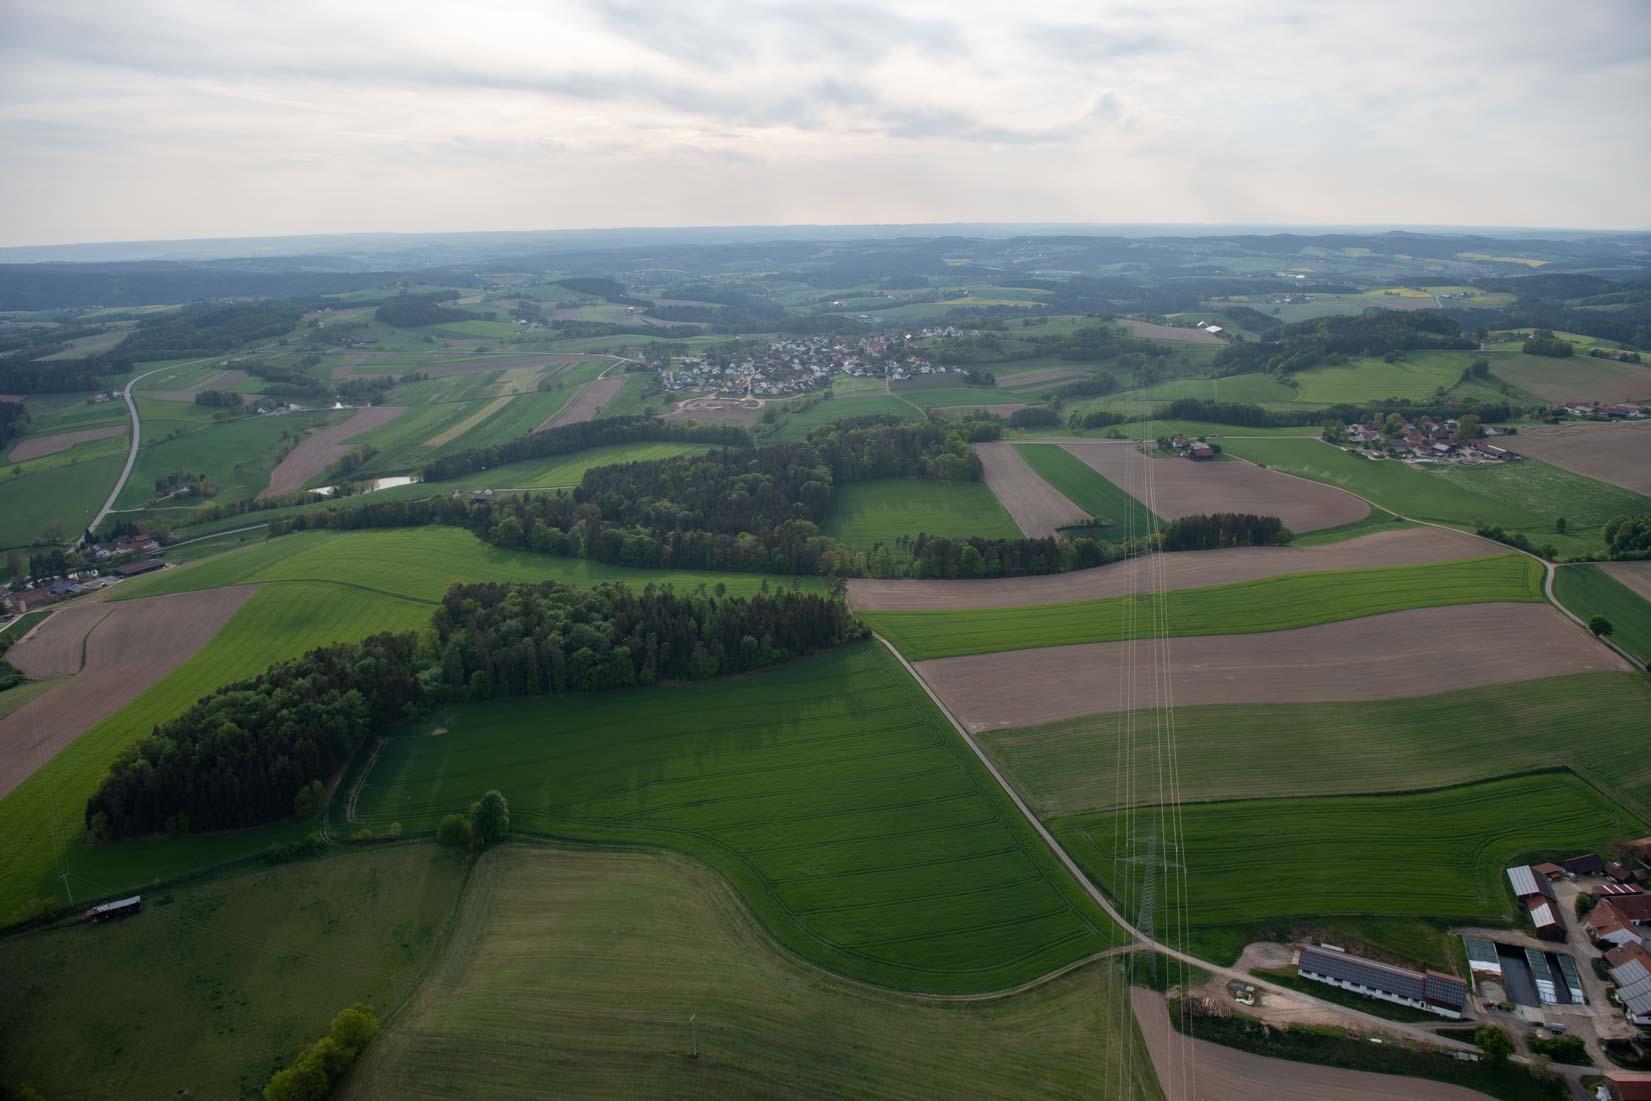 Bayern Gleitschirm-Flug. Die Welt von oben betrachten mit ArcTron Airborne Sensing GmbH